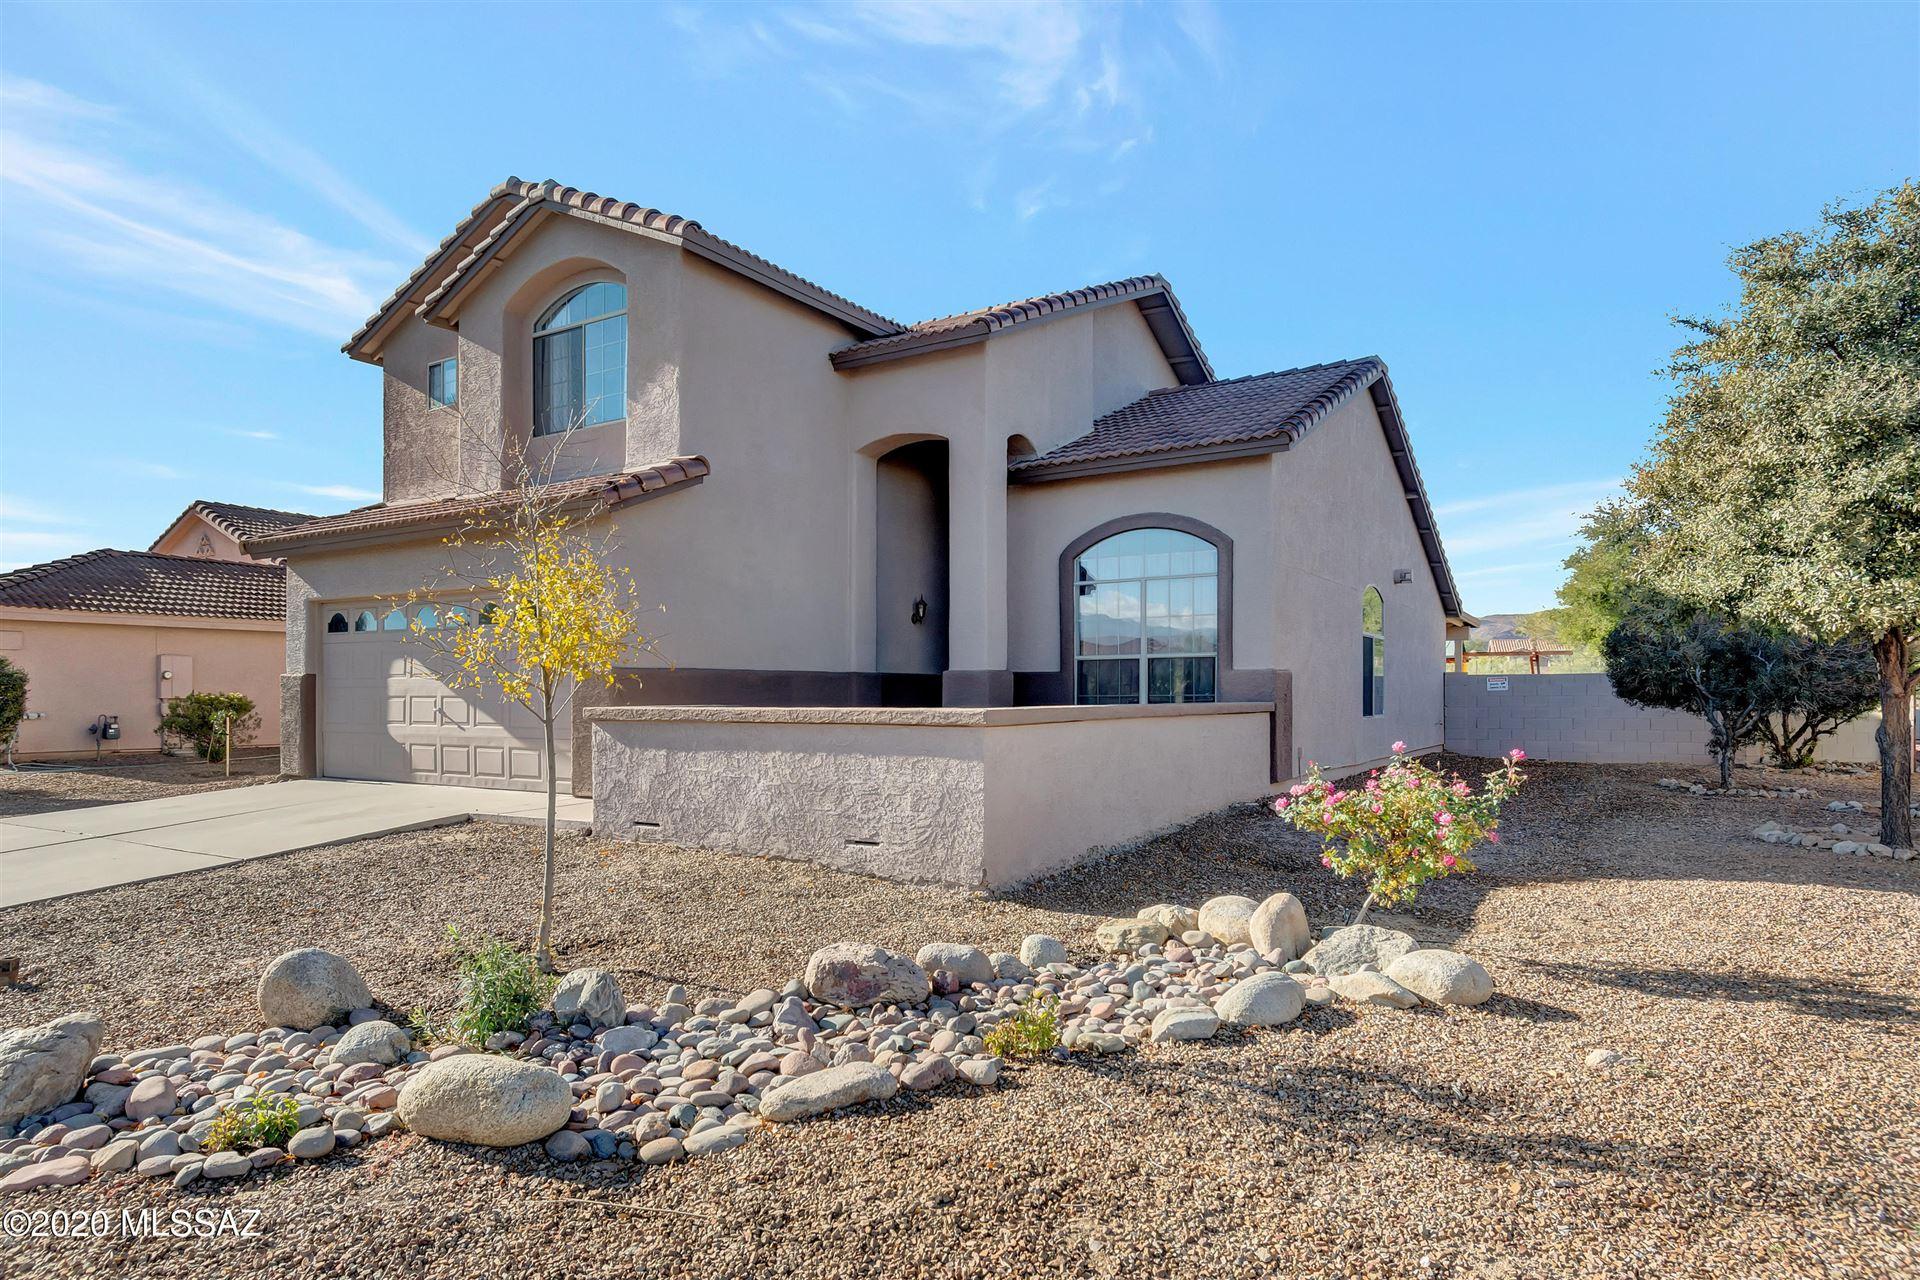 8453 N Cantora Way, Tucson, AZ 85743 - #: 22031633